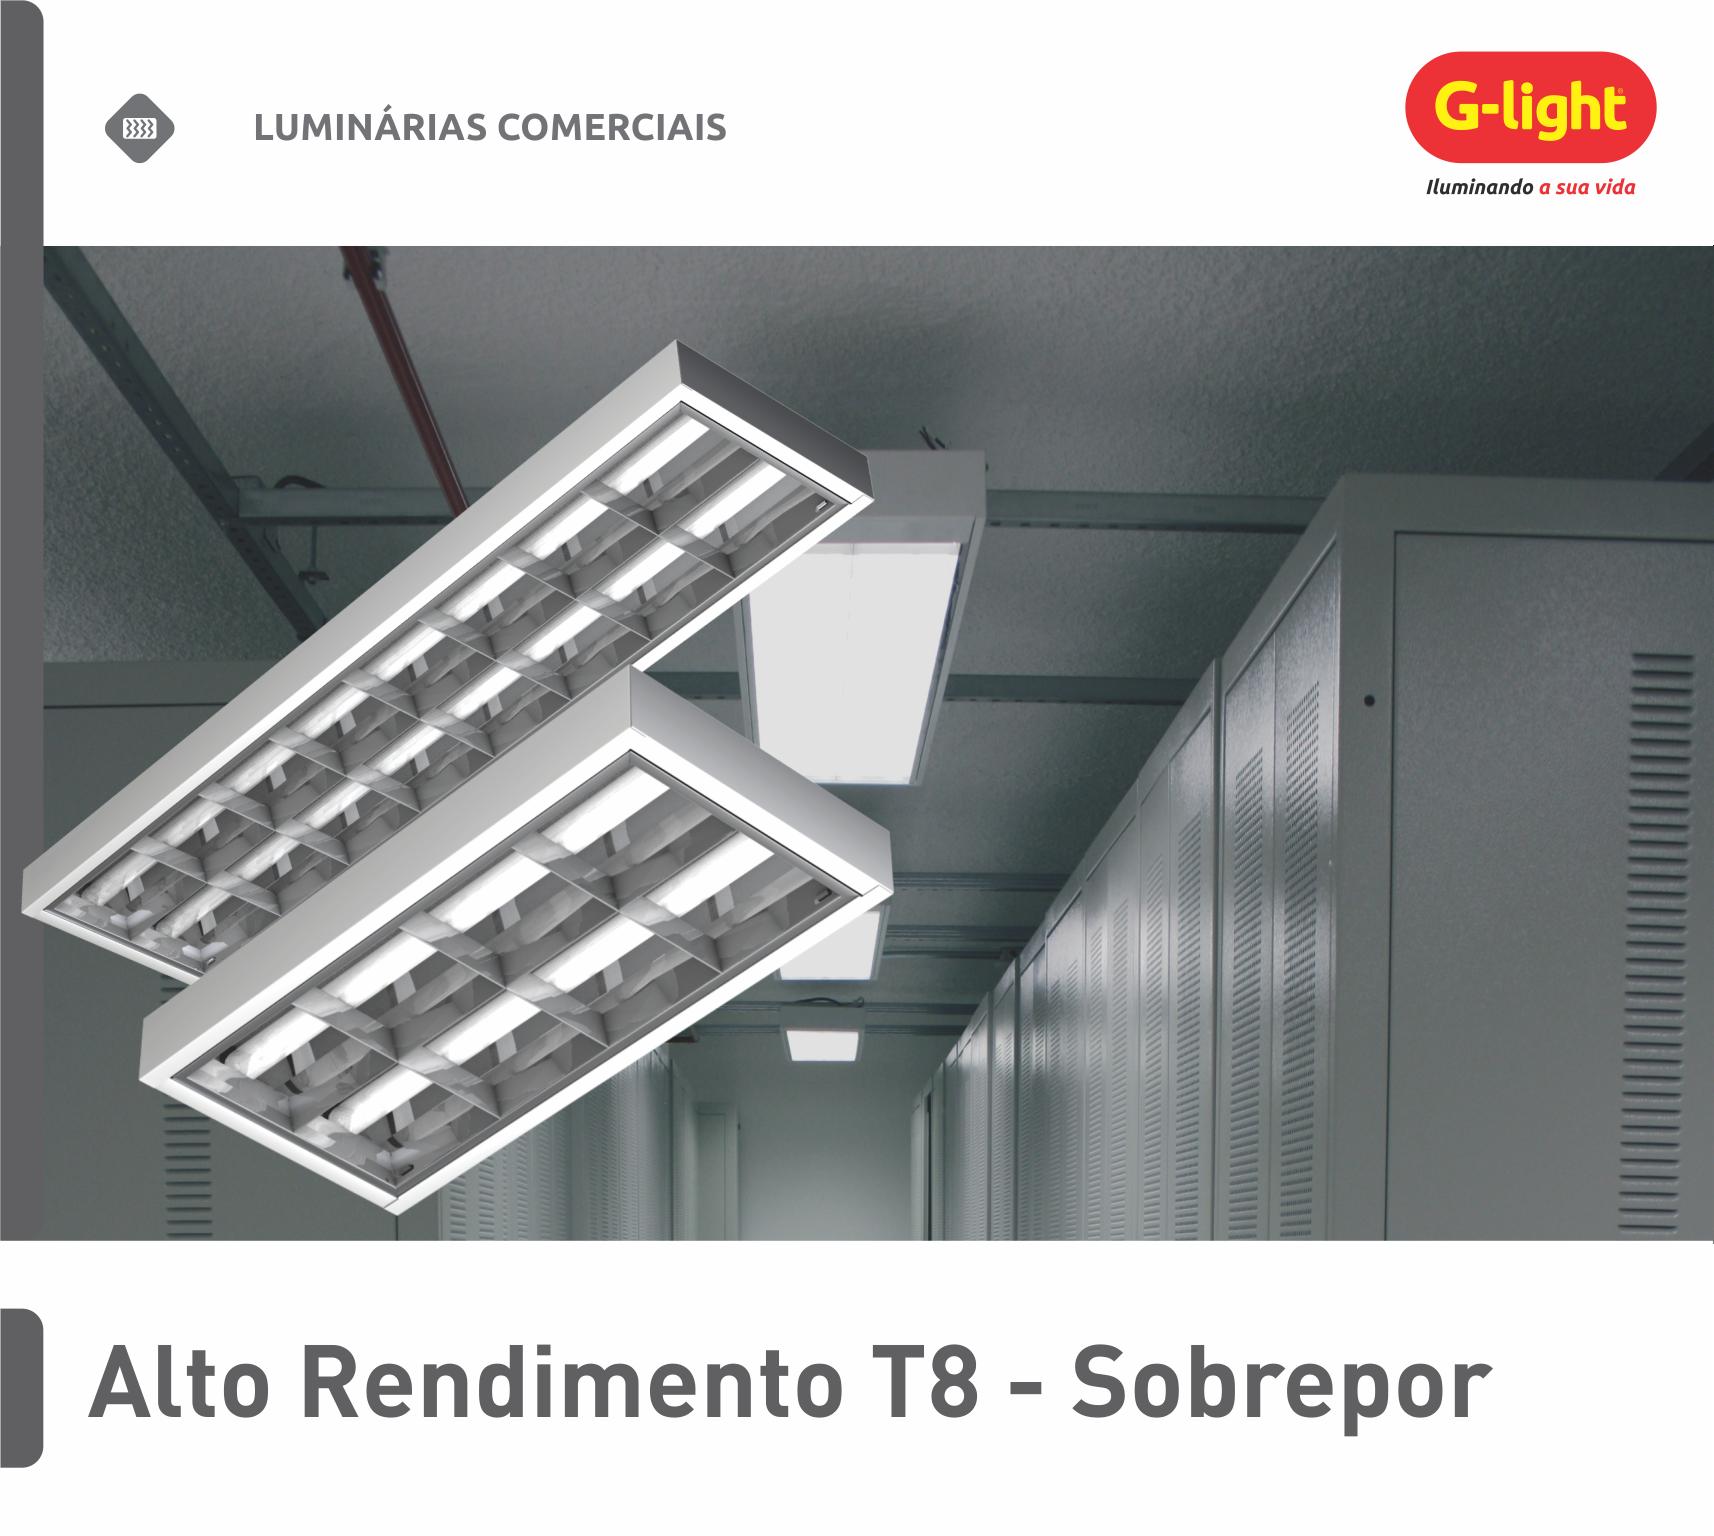 Luminária de Alto Rendimento T8 - Sobrepor